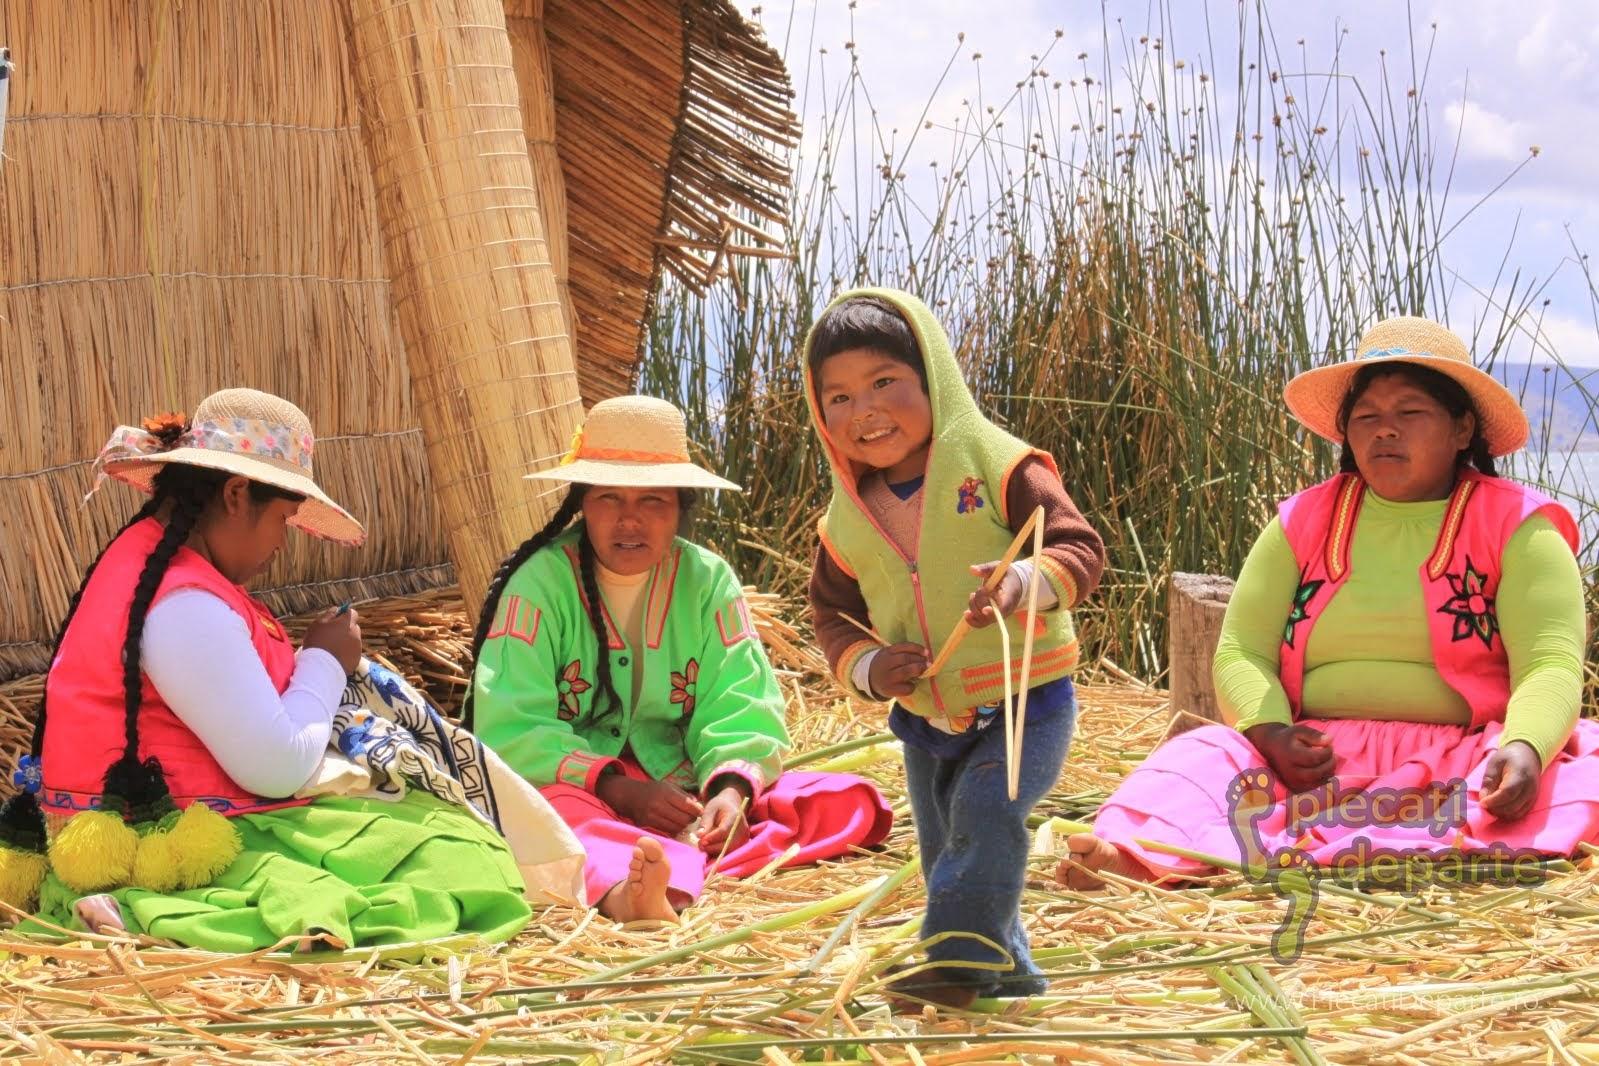 comunitatea Los Uros, pe insulele plutitoare, pe Lacul Titicaca, la 4000m in Peru